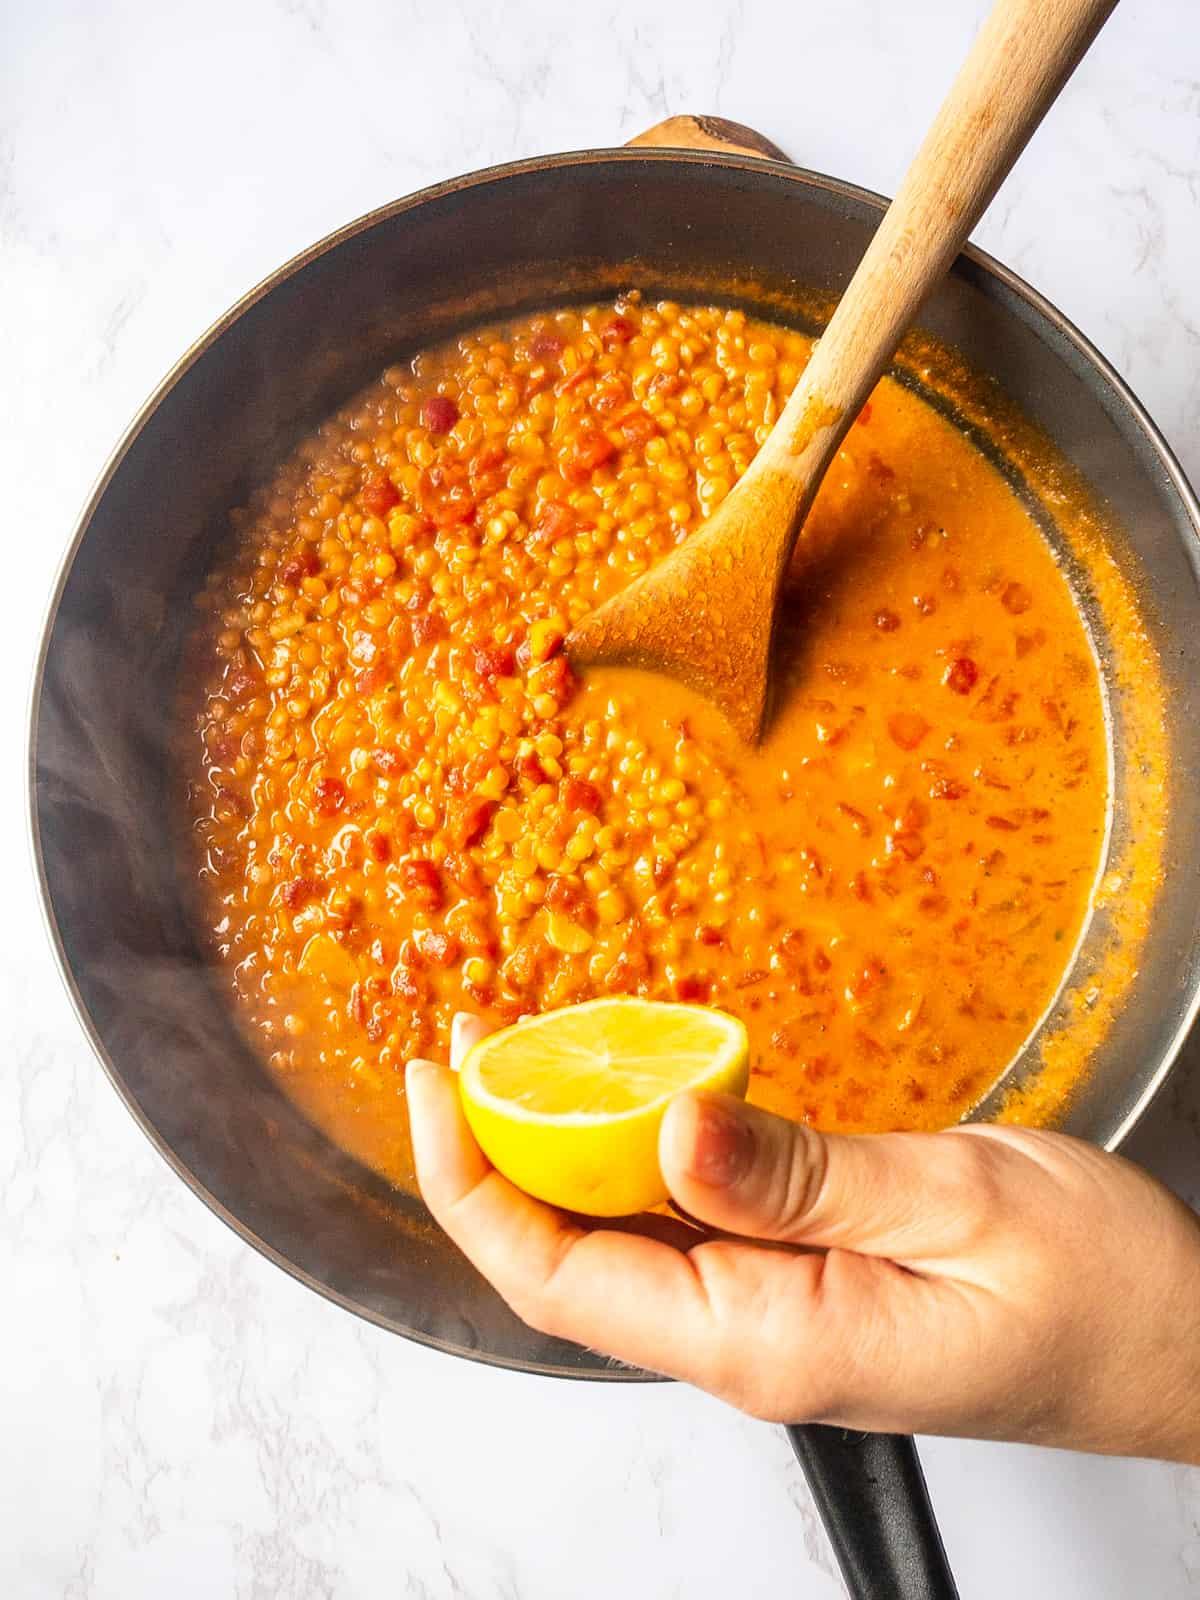 eine Hand presst frischen Zitronensaft in eine Pfanne mit Dal